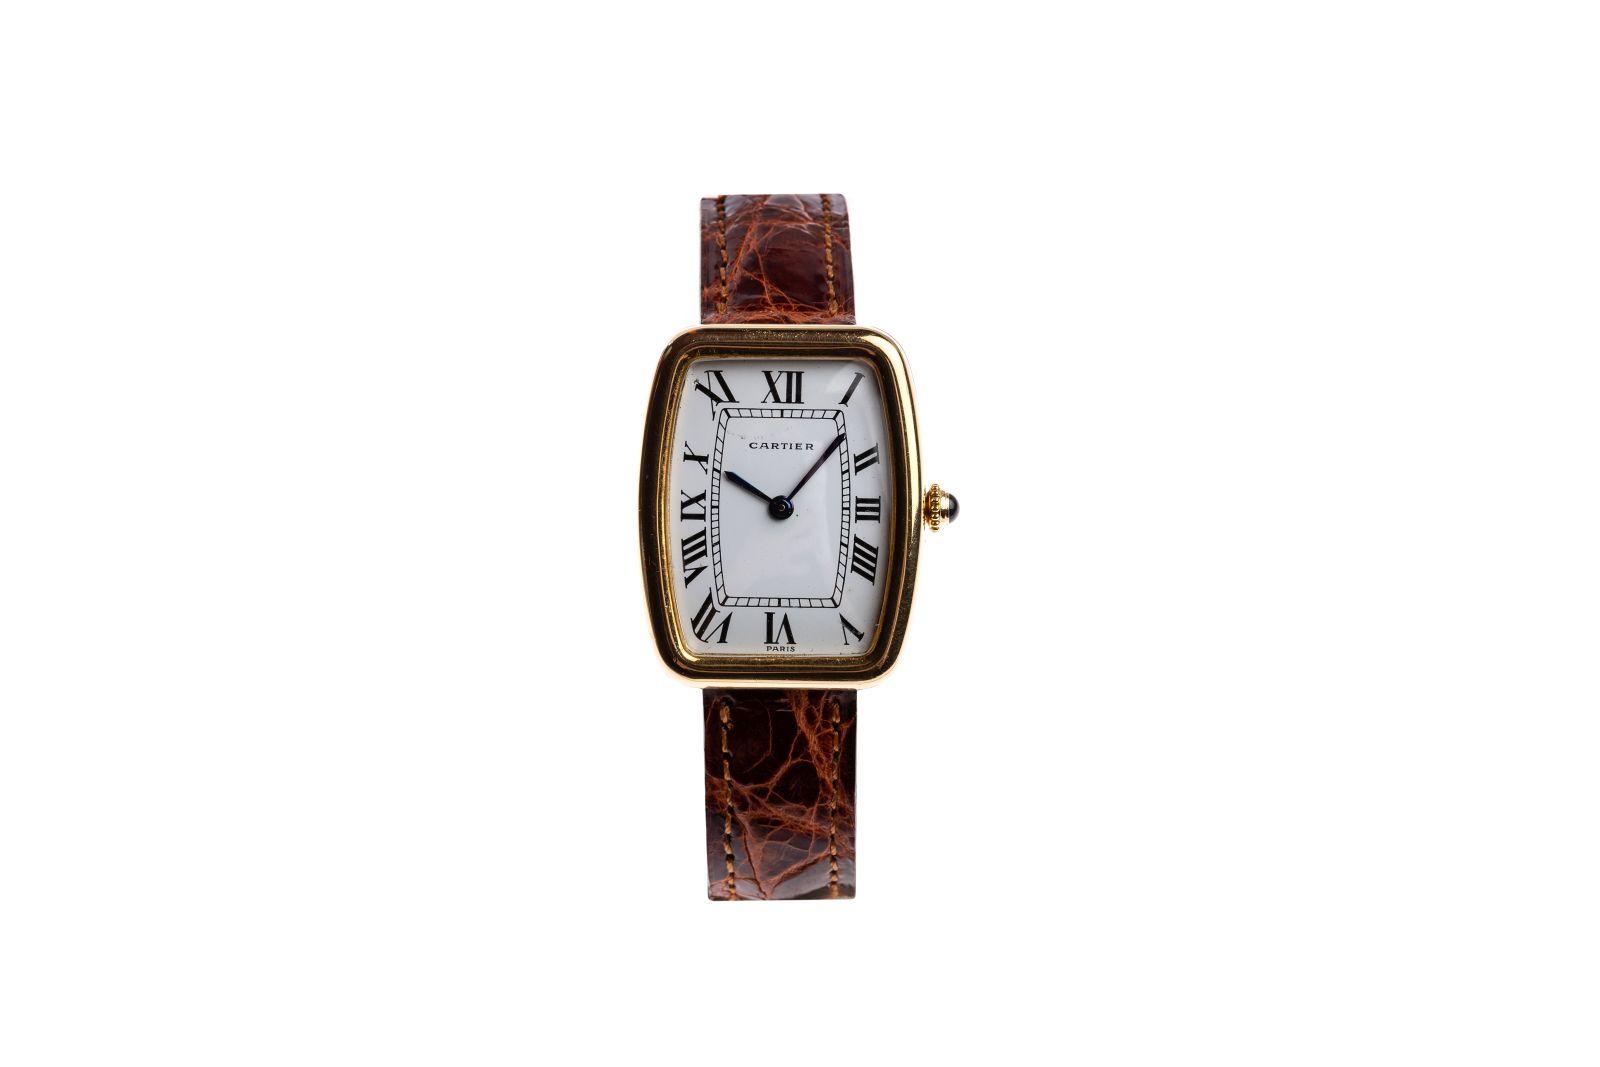 #53 Cartier Faberge Tonneau Image